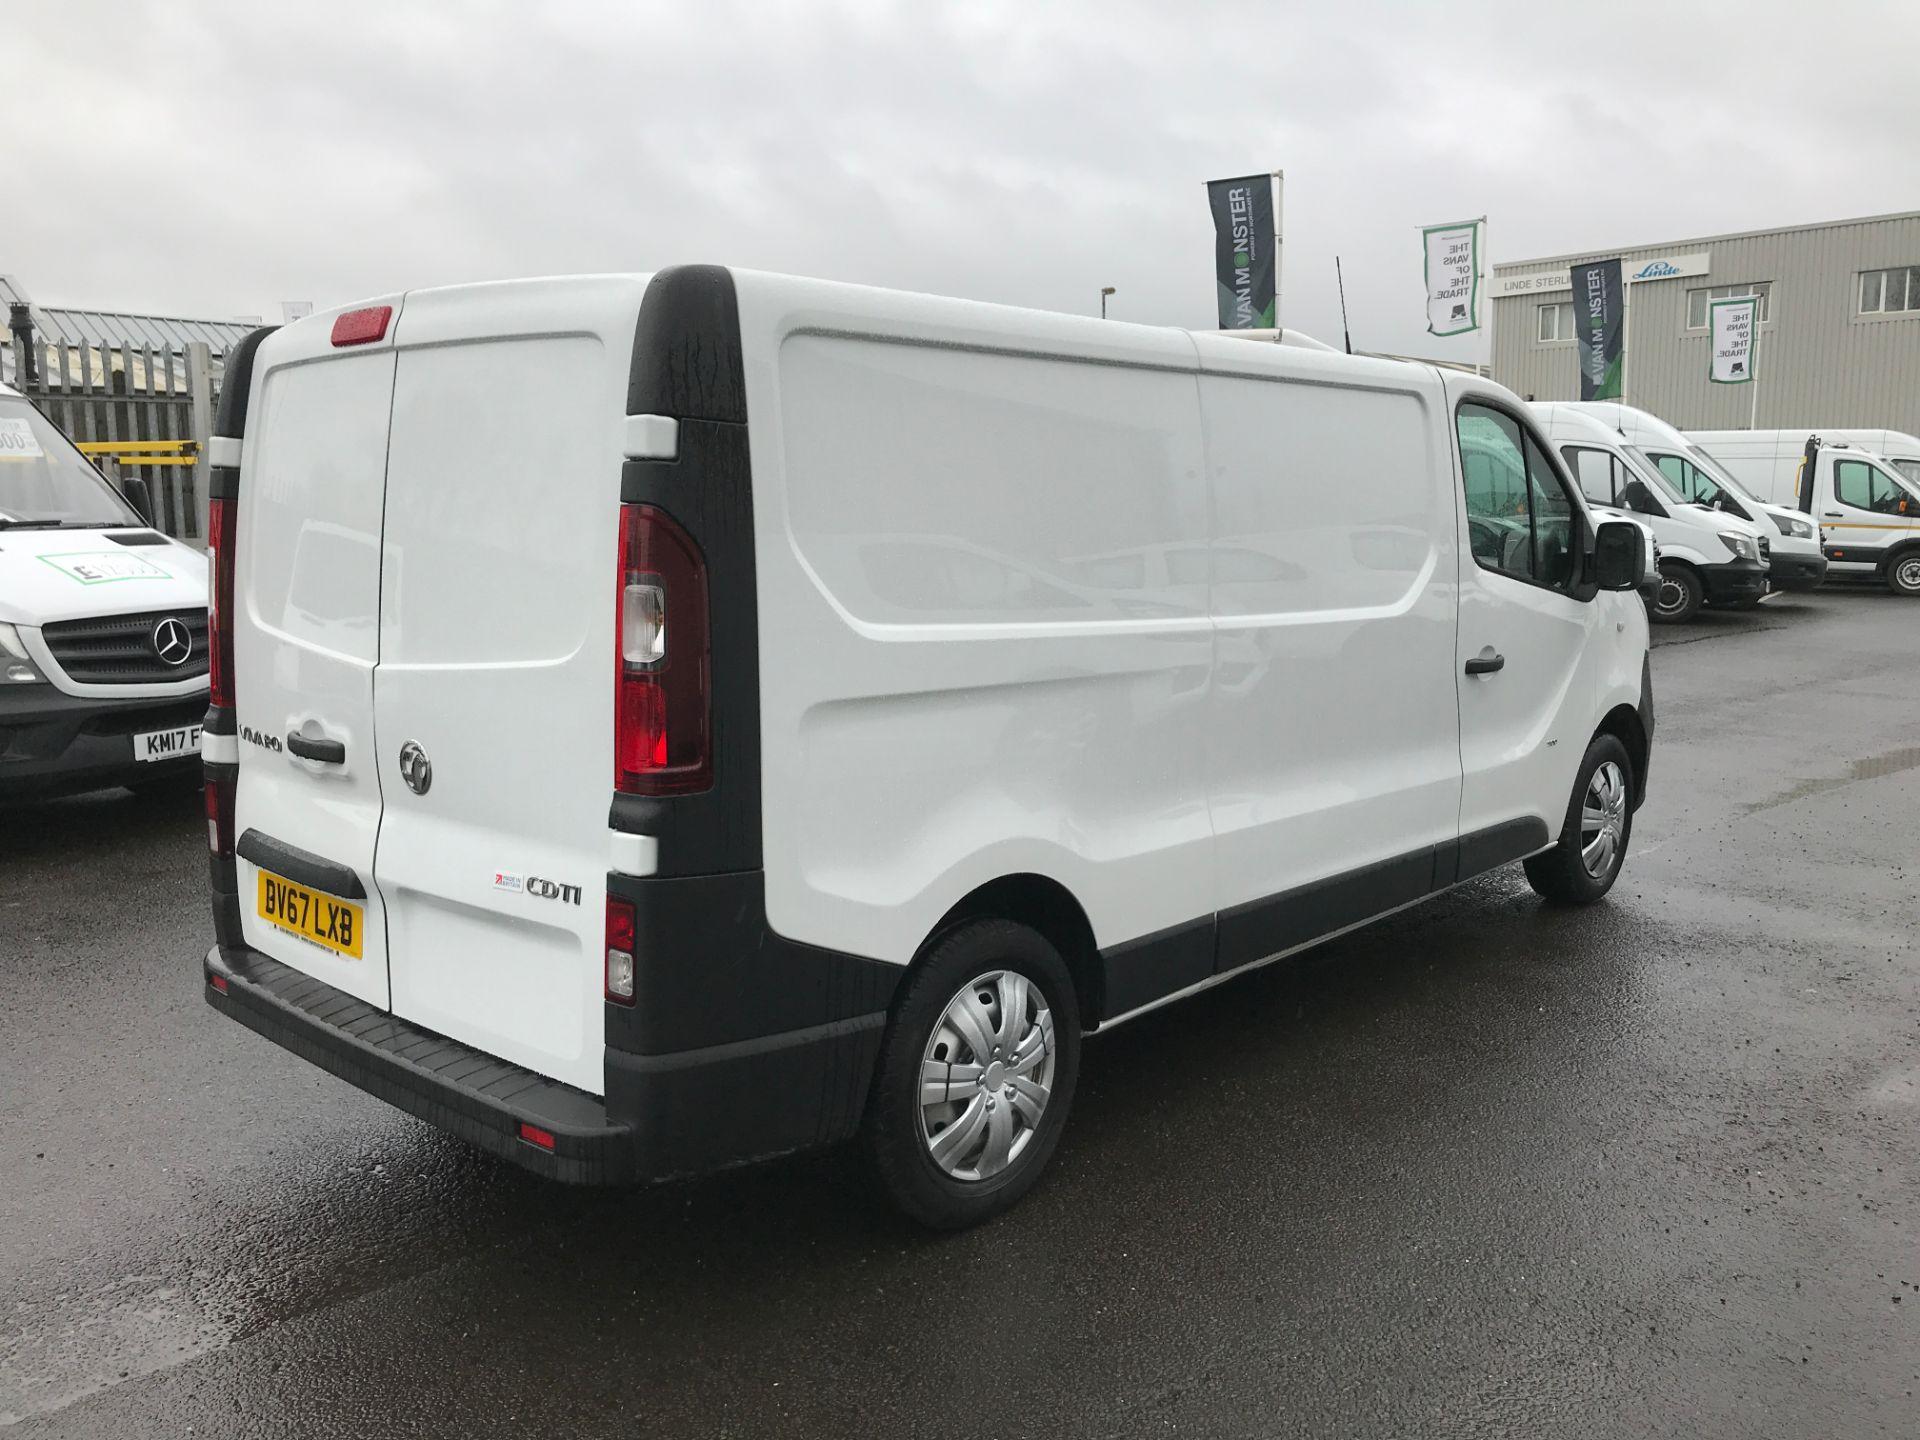 2017 Vauxhall Vivaro 2900 L2 H1 1.6CDTI 120PS EURO 6 (DV67LXB) Image 8